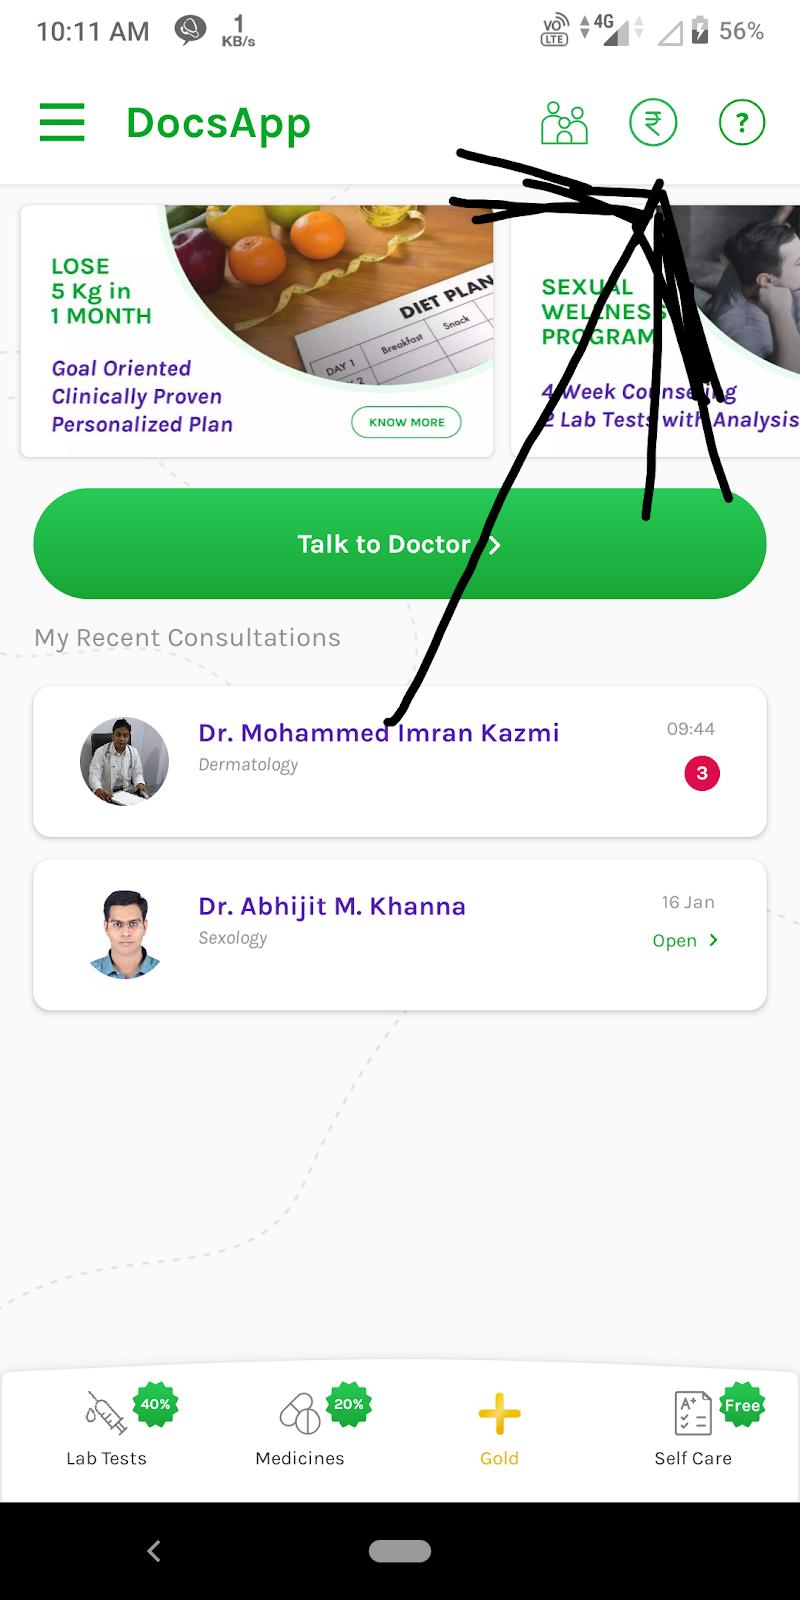 Docs App loot